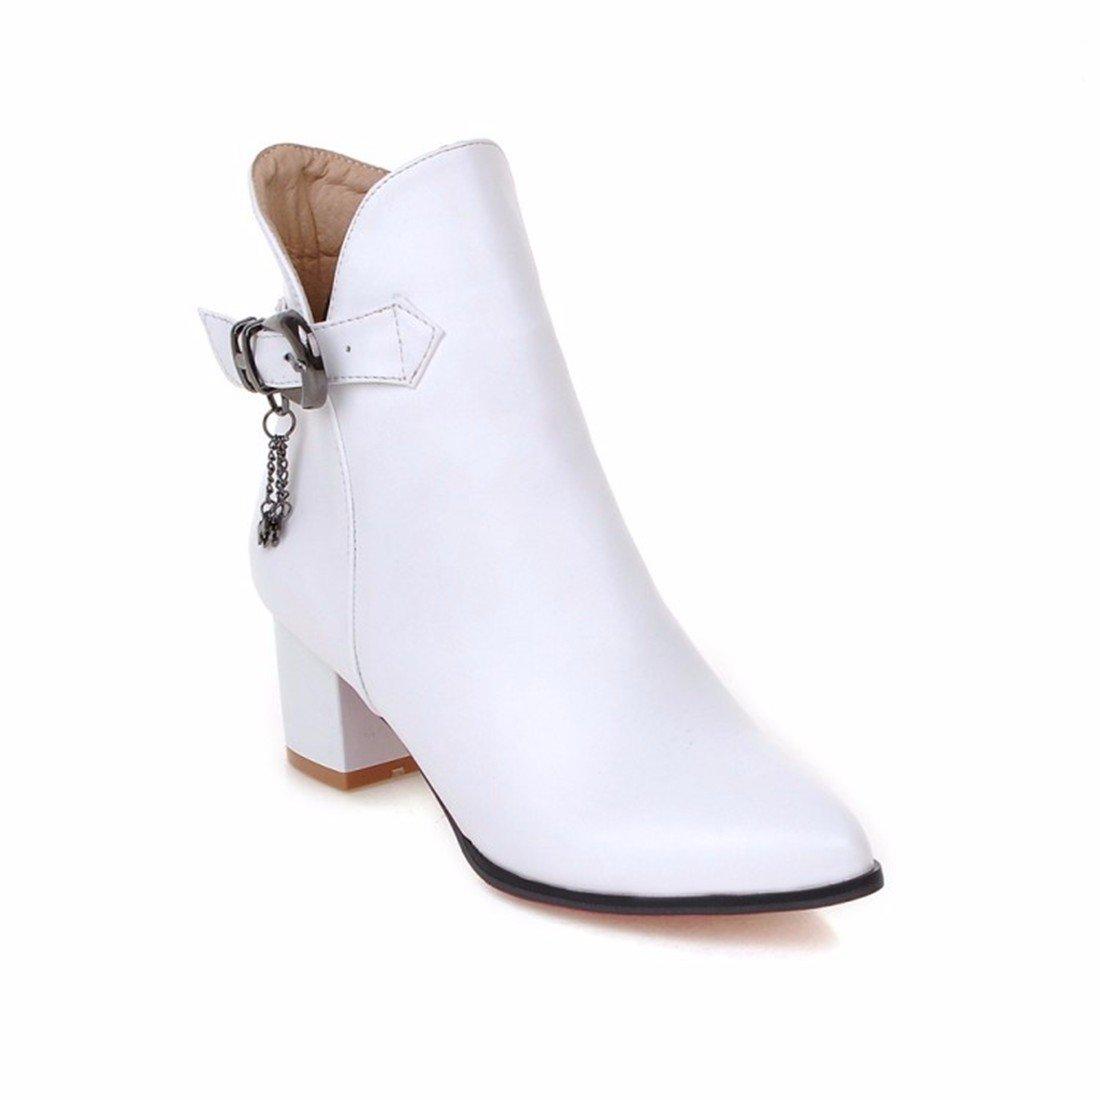 Hebilla del cinturón de dama de otoño, Martin botas, grandes patios, tacones altos, señaló botas,blanca,37 US6.5-7 / EU37 / UK4.5-5 / CN37